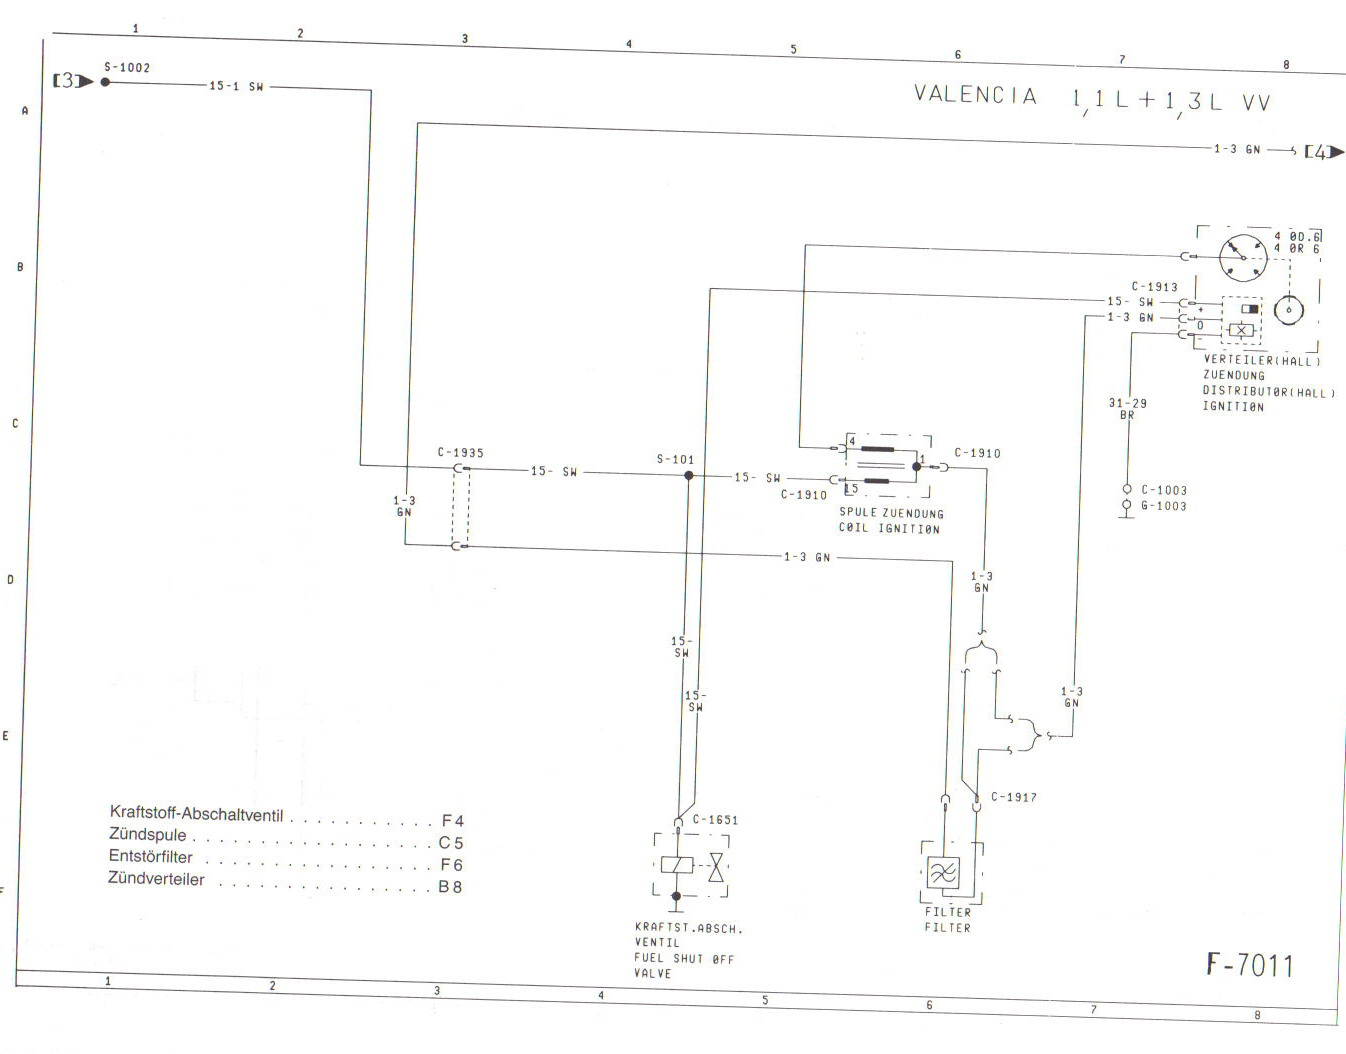 Ziemlich 1999 Ford Escort Schaltplan Ideen - Der Schaltplan - greigo.com